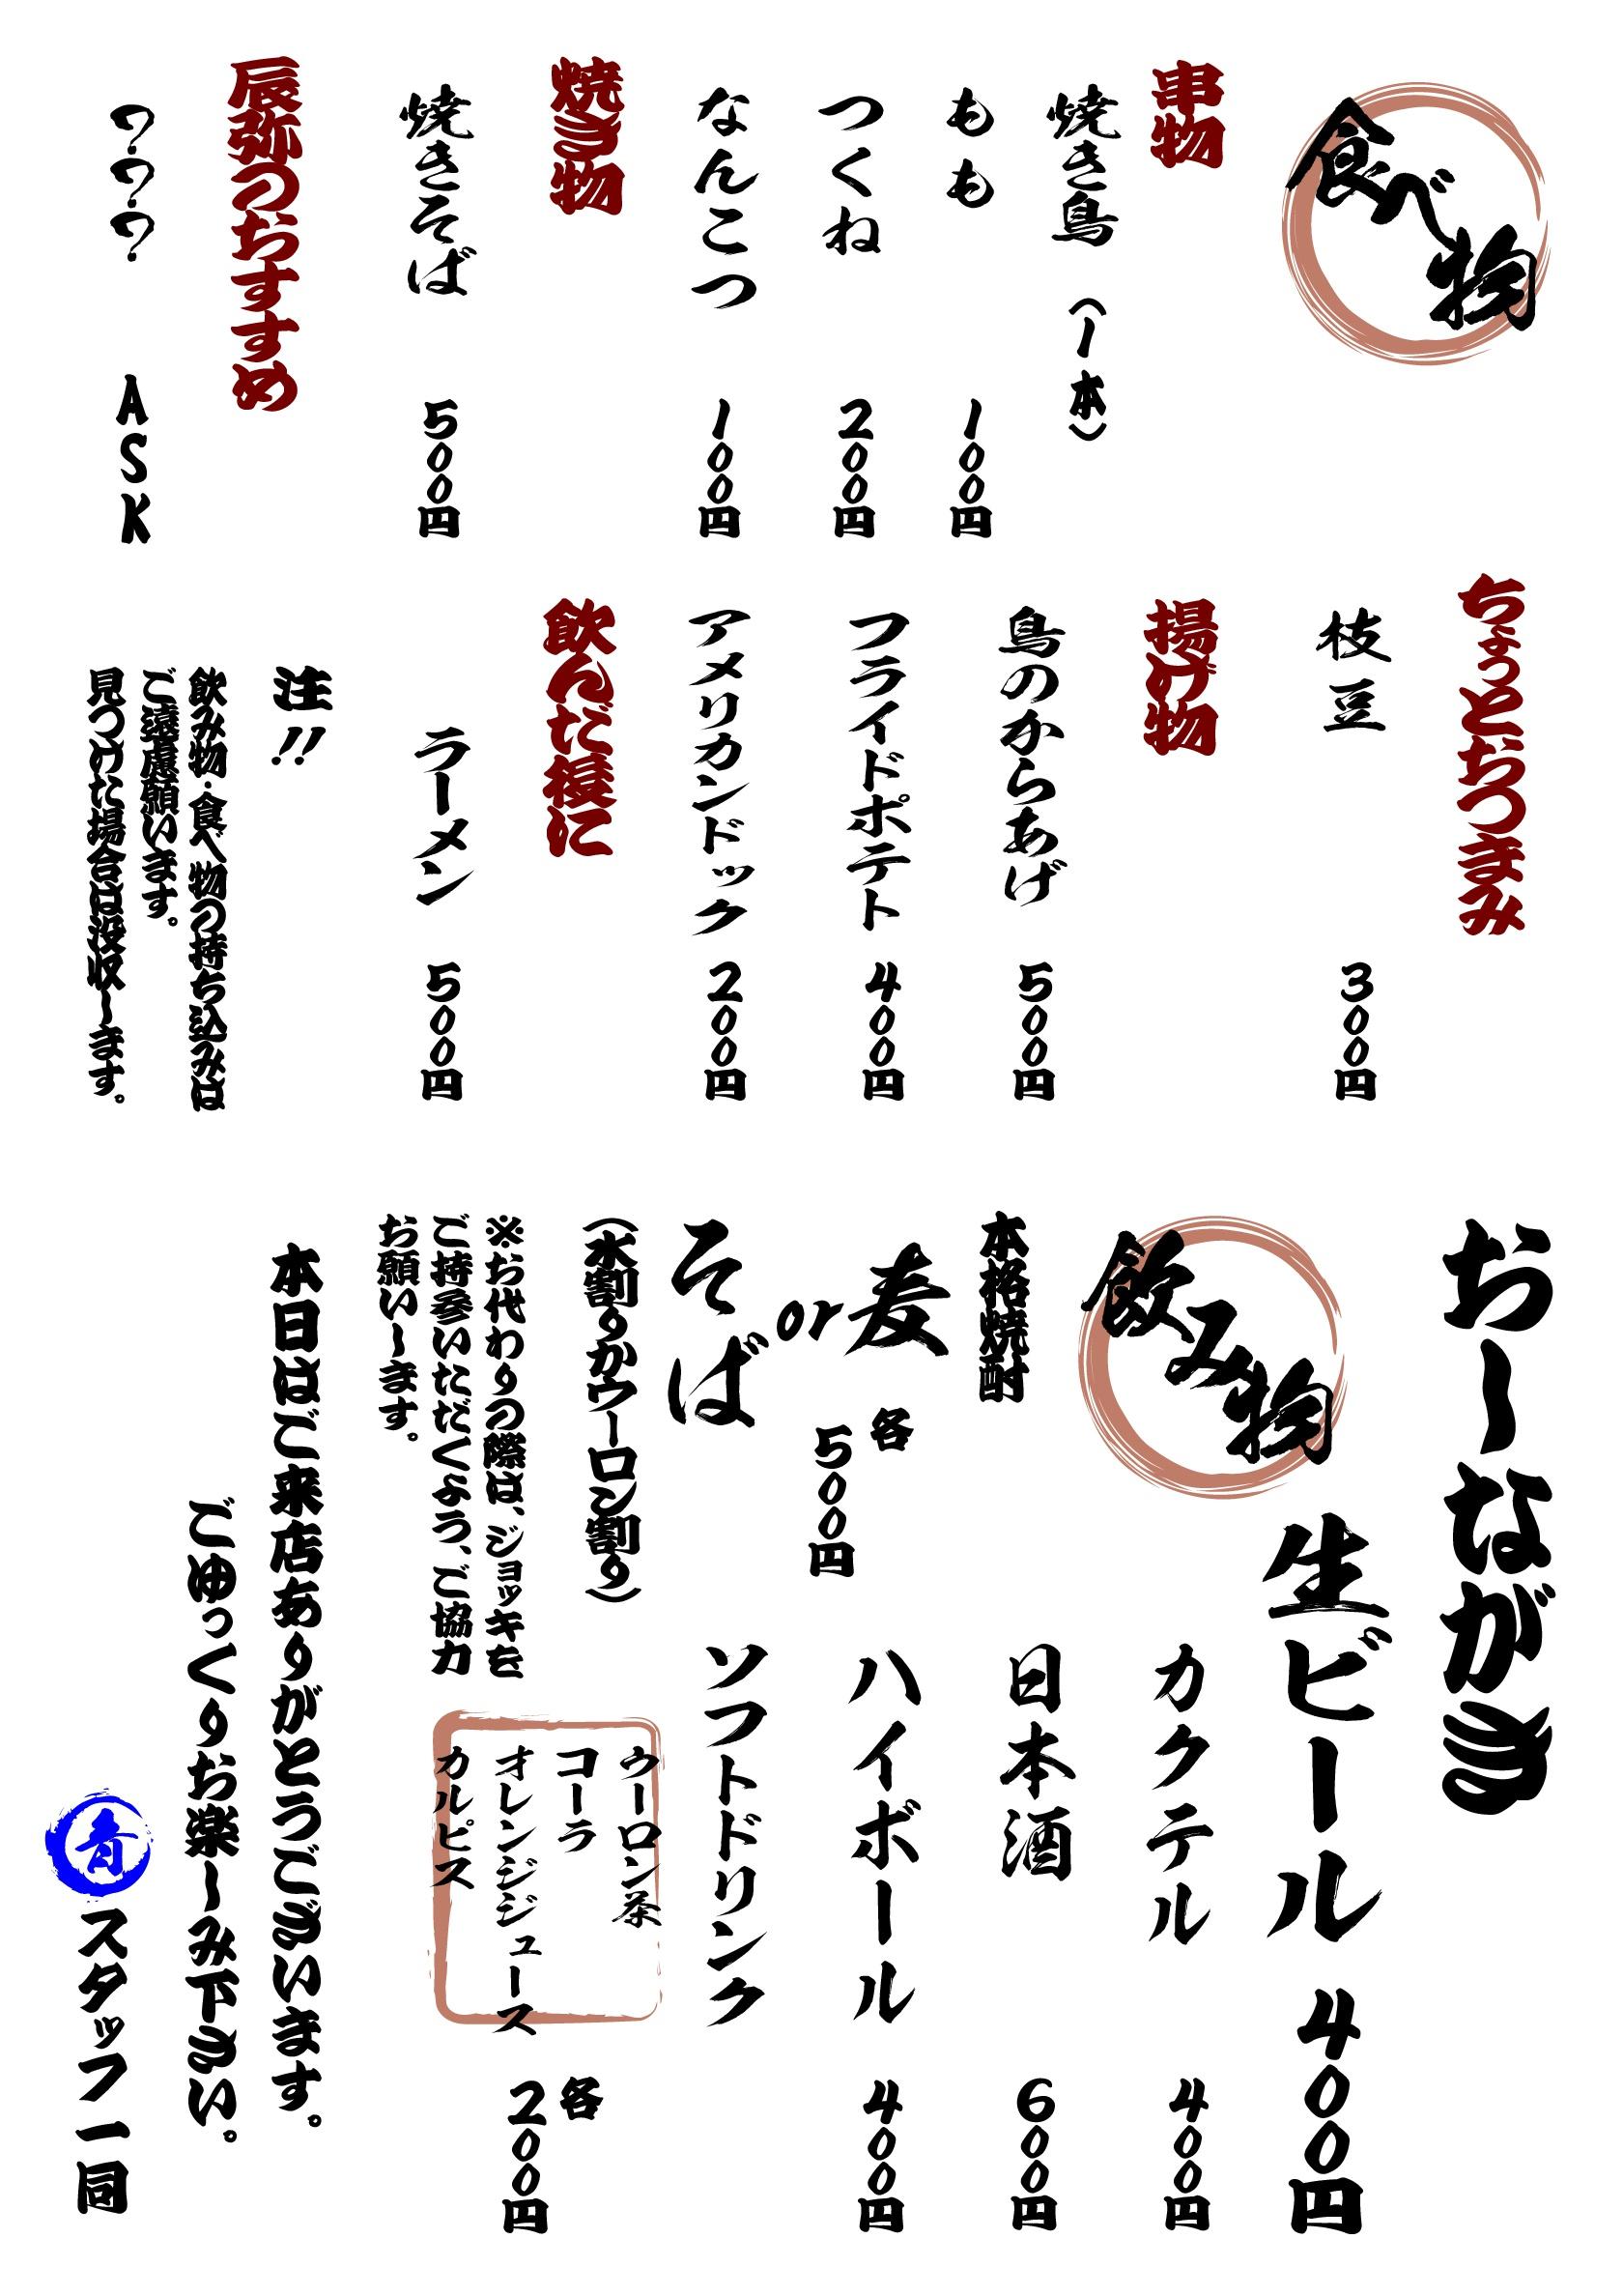 お品書き2018-001